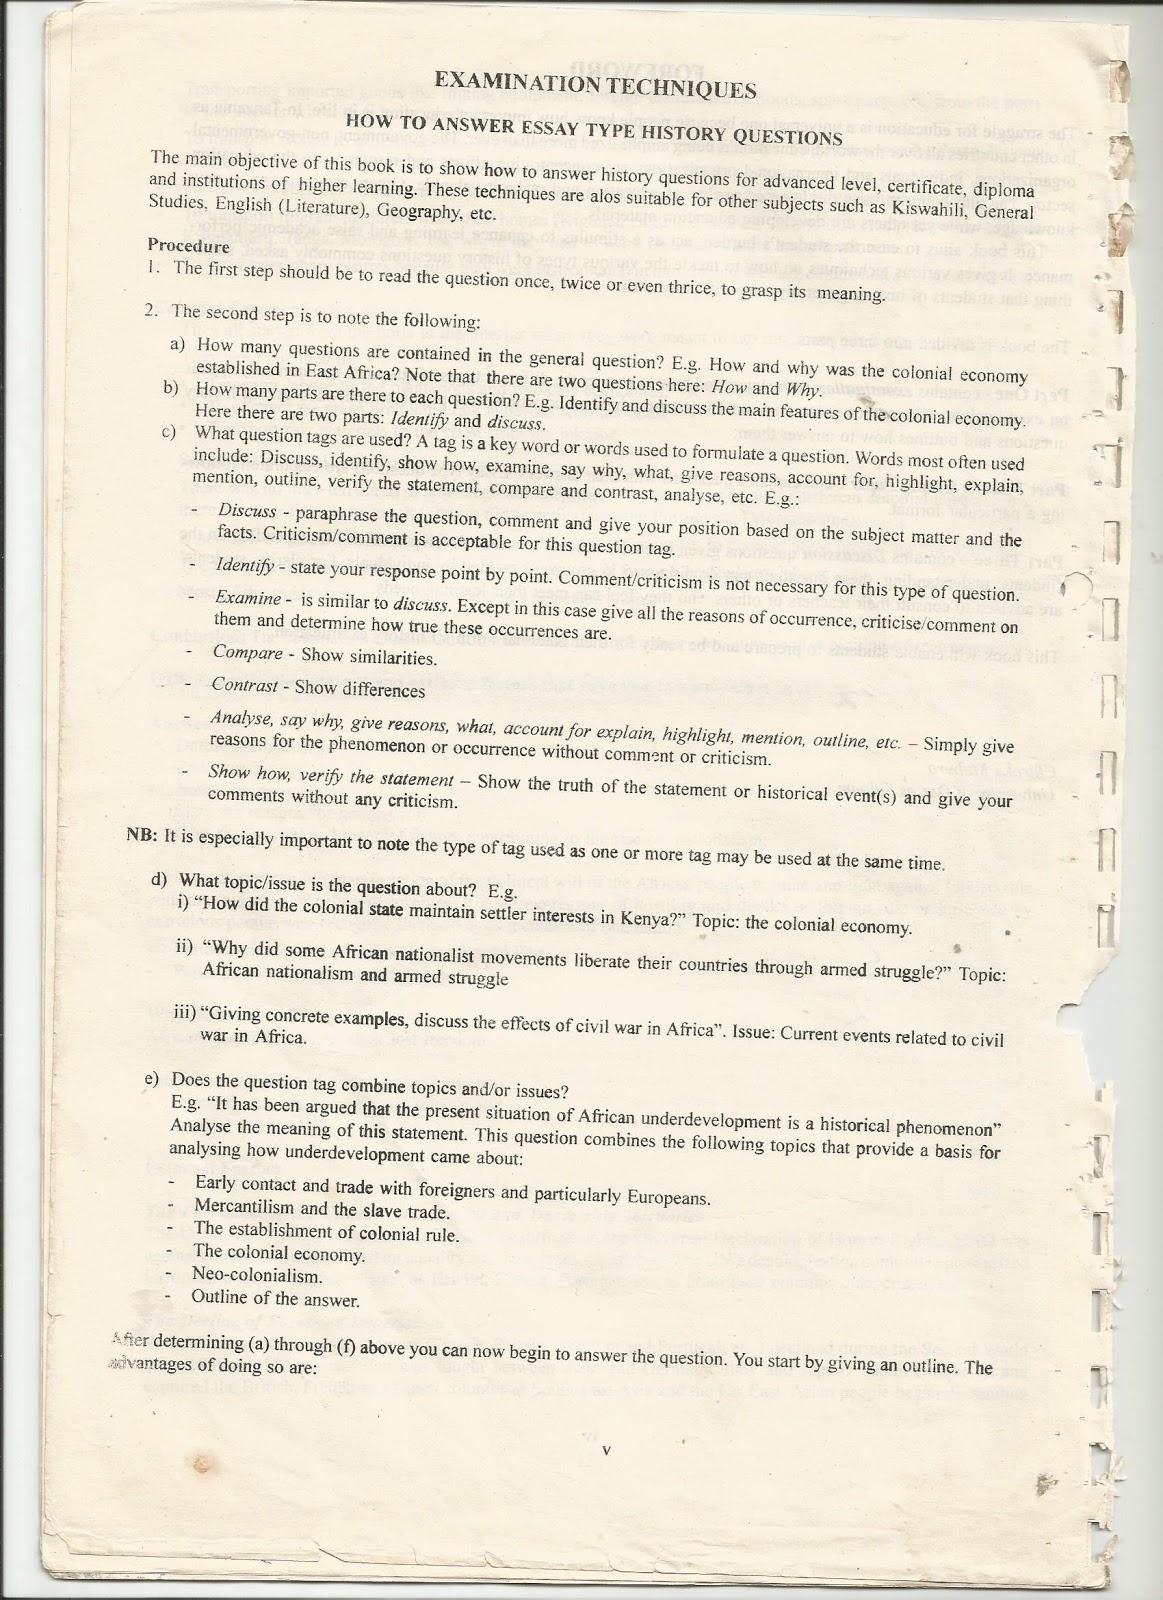 CSS Exam - Detail of Written Exam